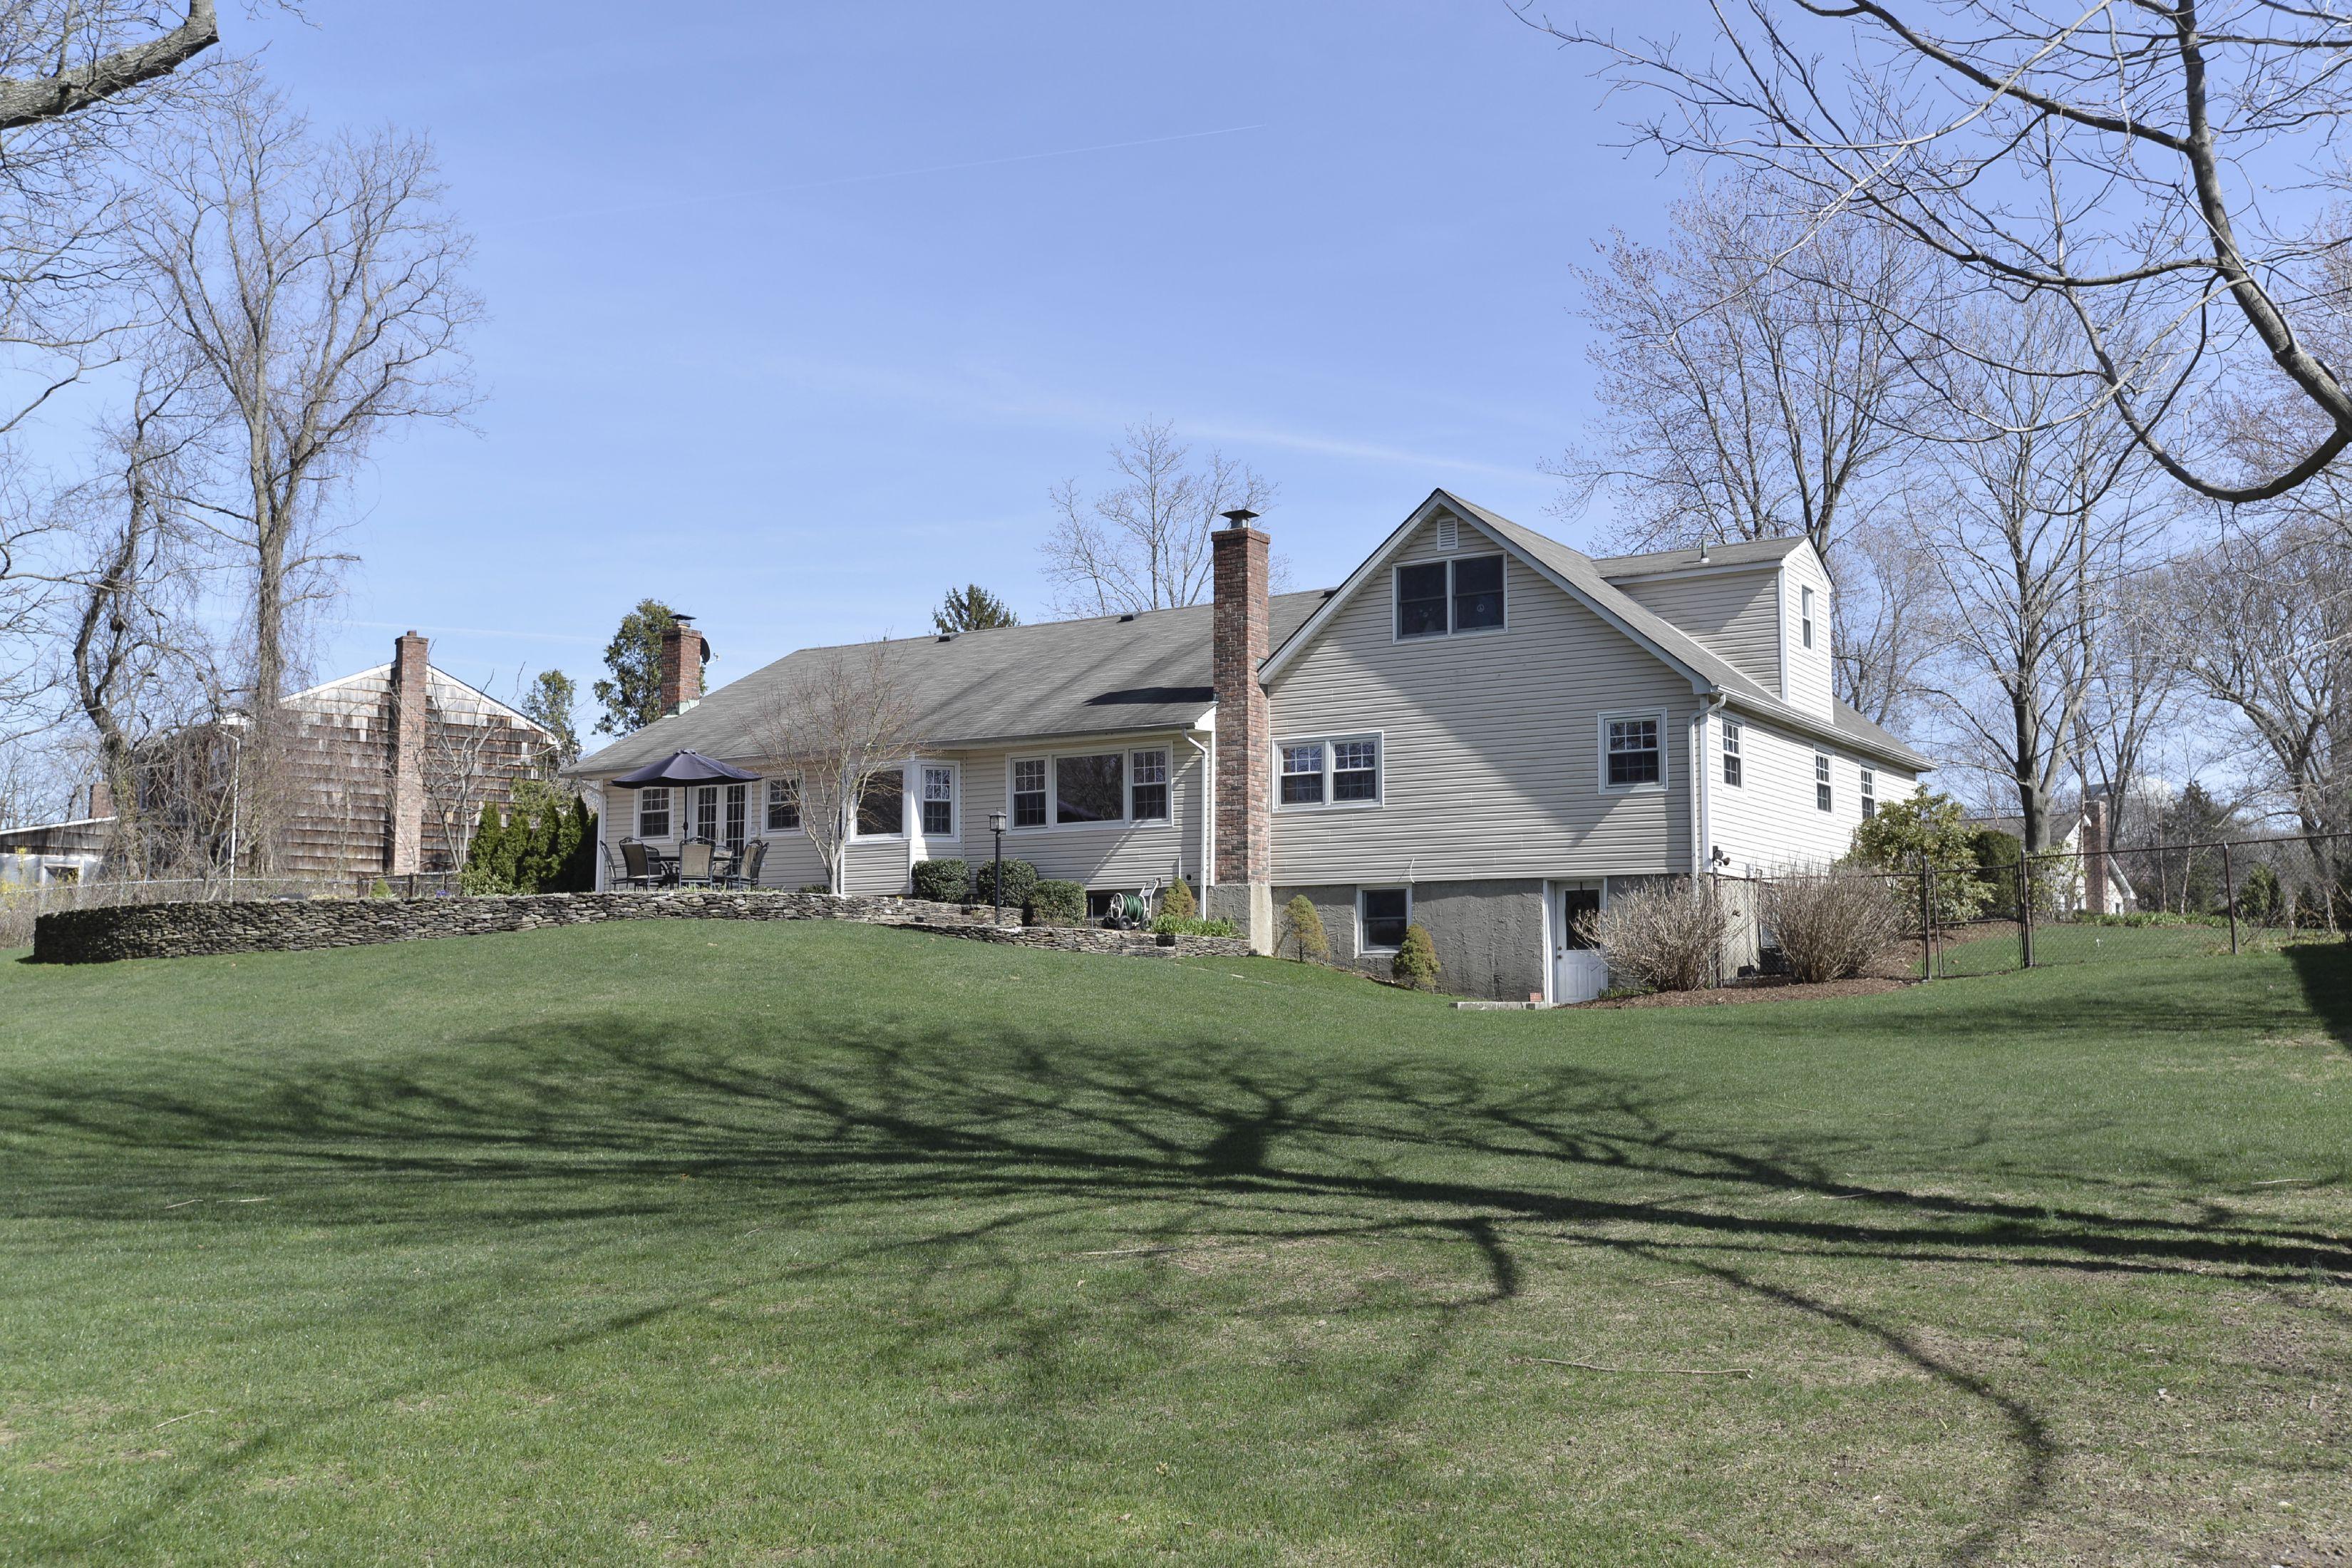 단독 가정 주택 용 매매 에 Settler's Ridge Farm Ranch 17 Brandywine Dr Setauket, 뉴욕, 11733 미국